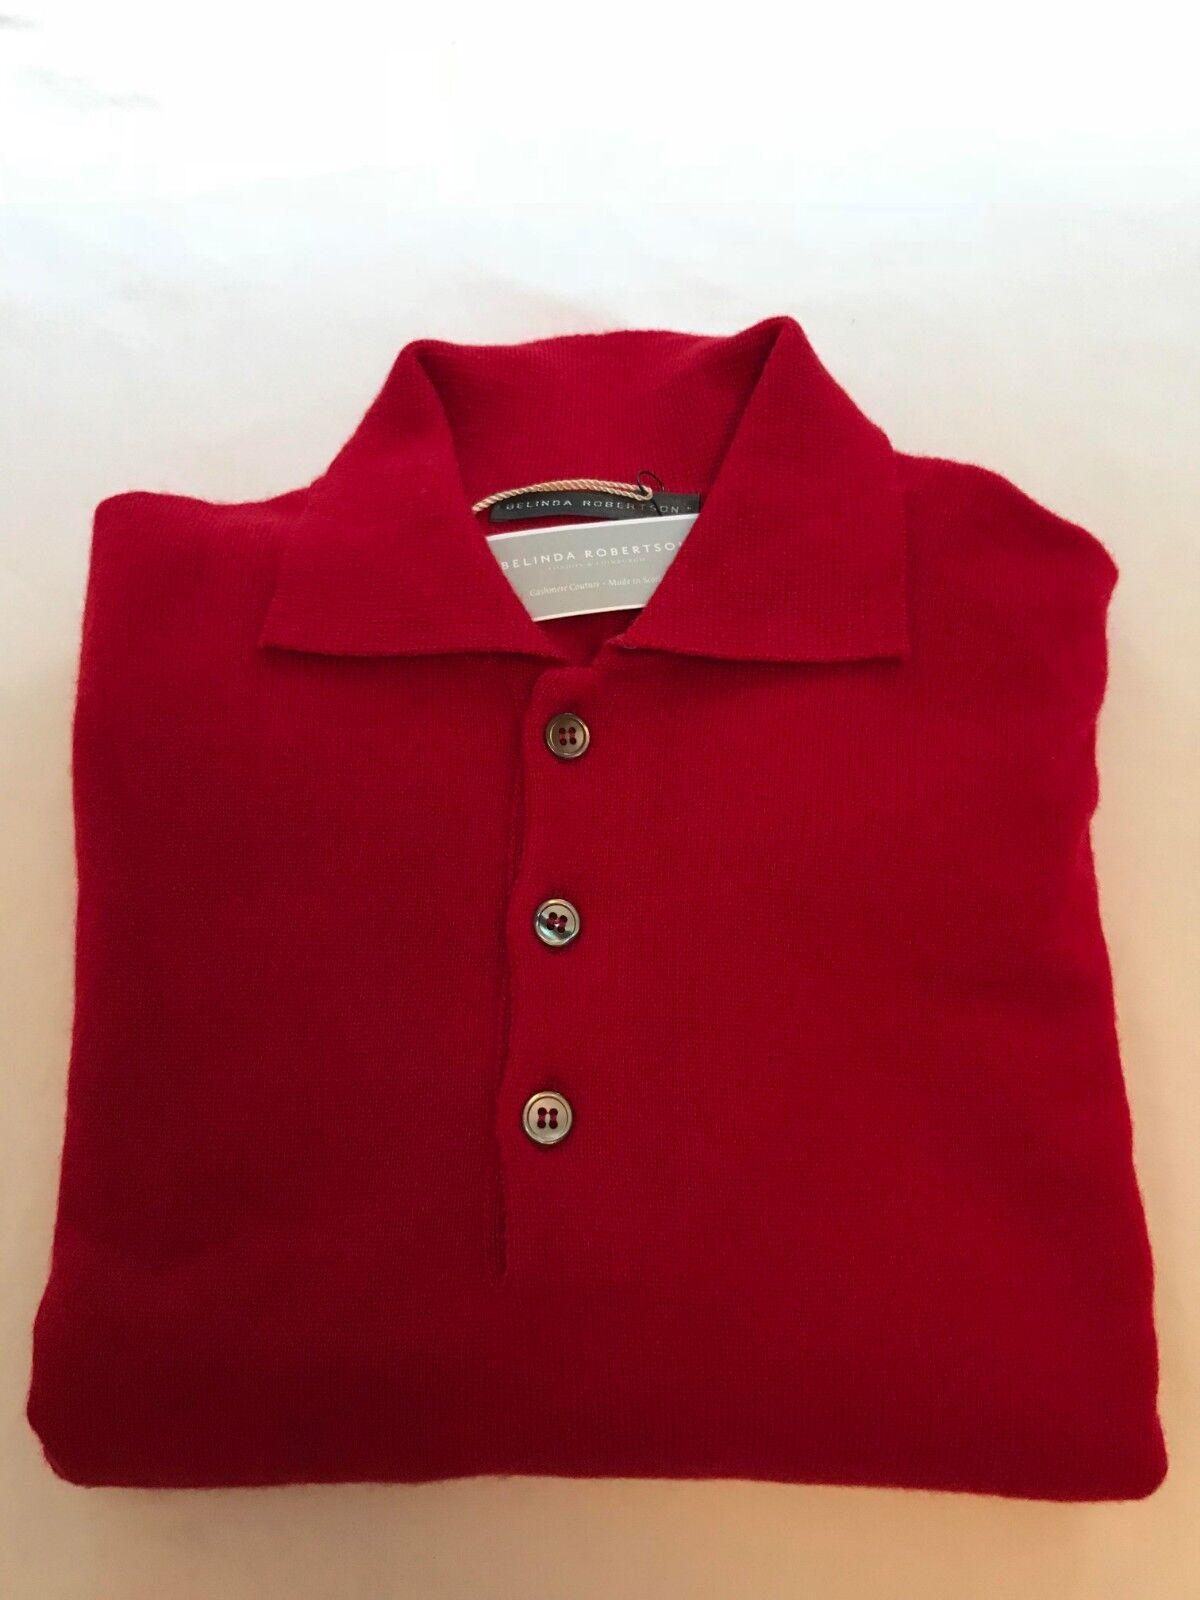 Belinda Robertson 100% CASHMERE Scozzese Uomo Sportshirt sweater